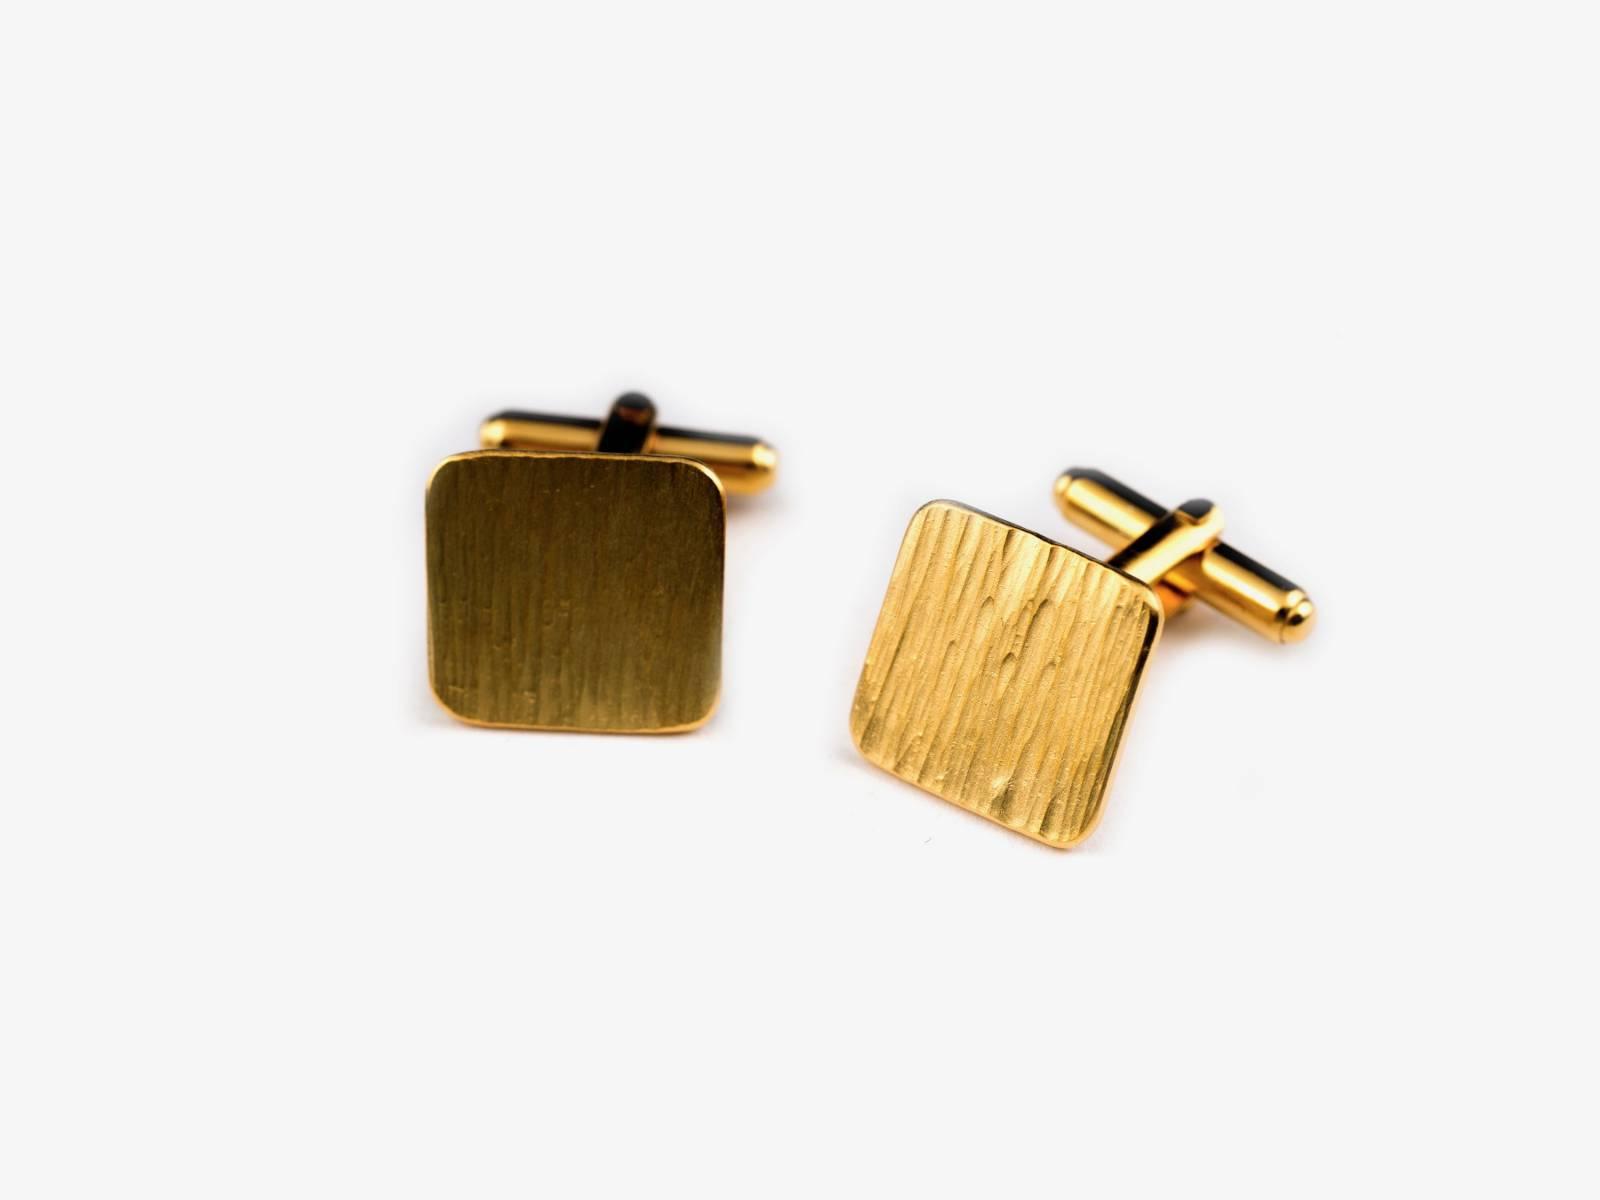 MOMENTS_manchet square geel goud verguld met zebra bewerking €300